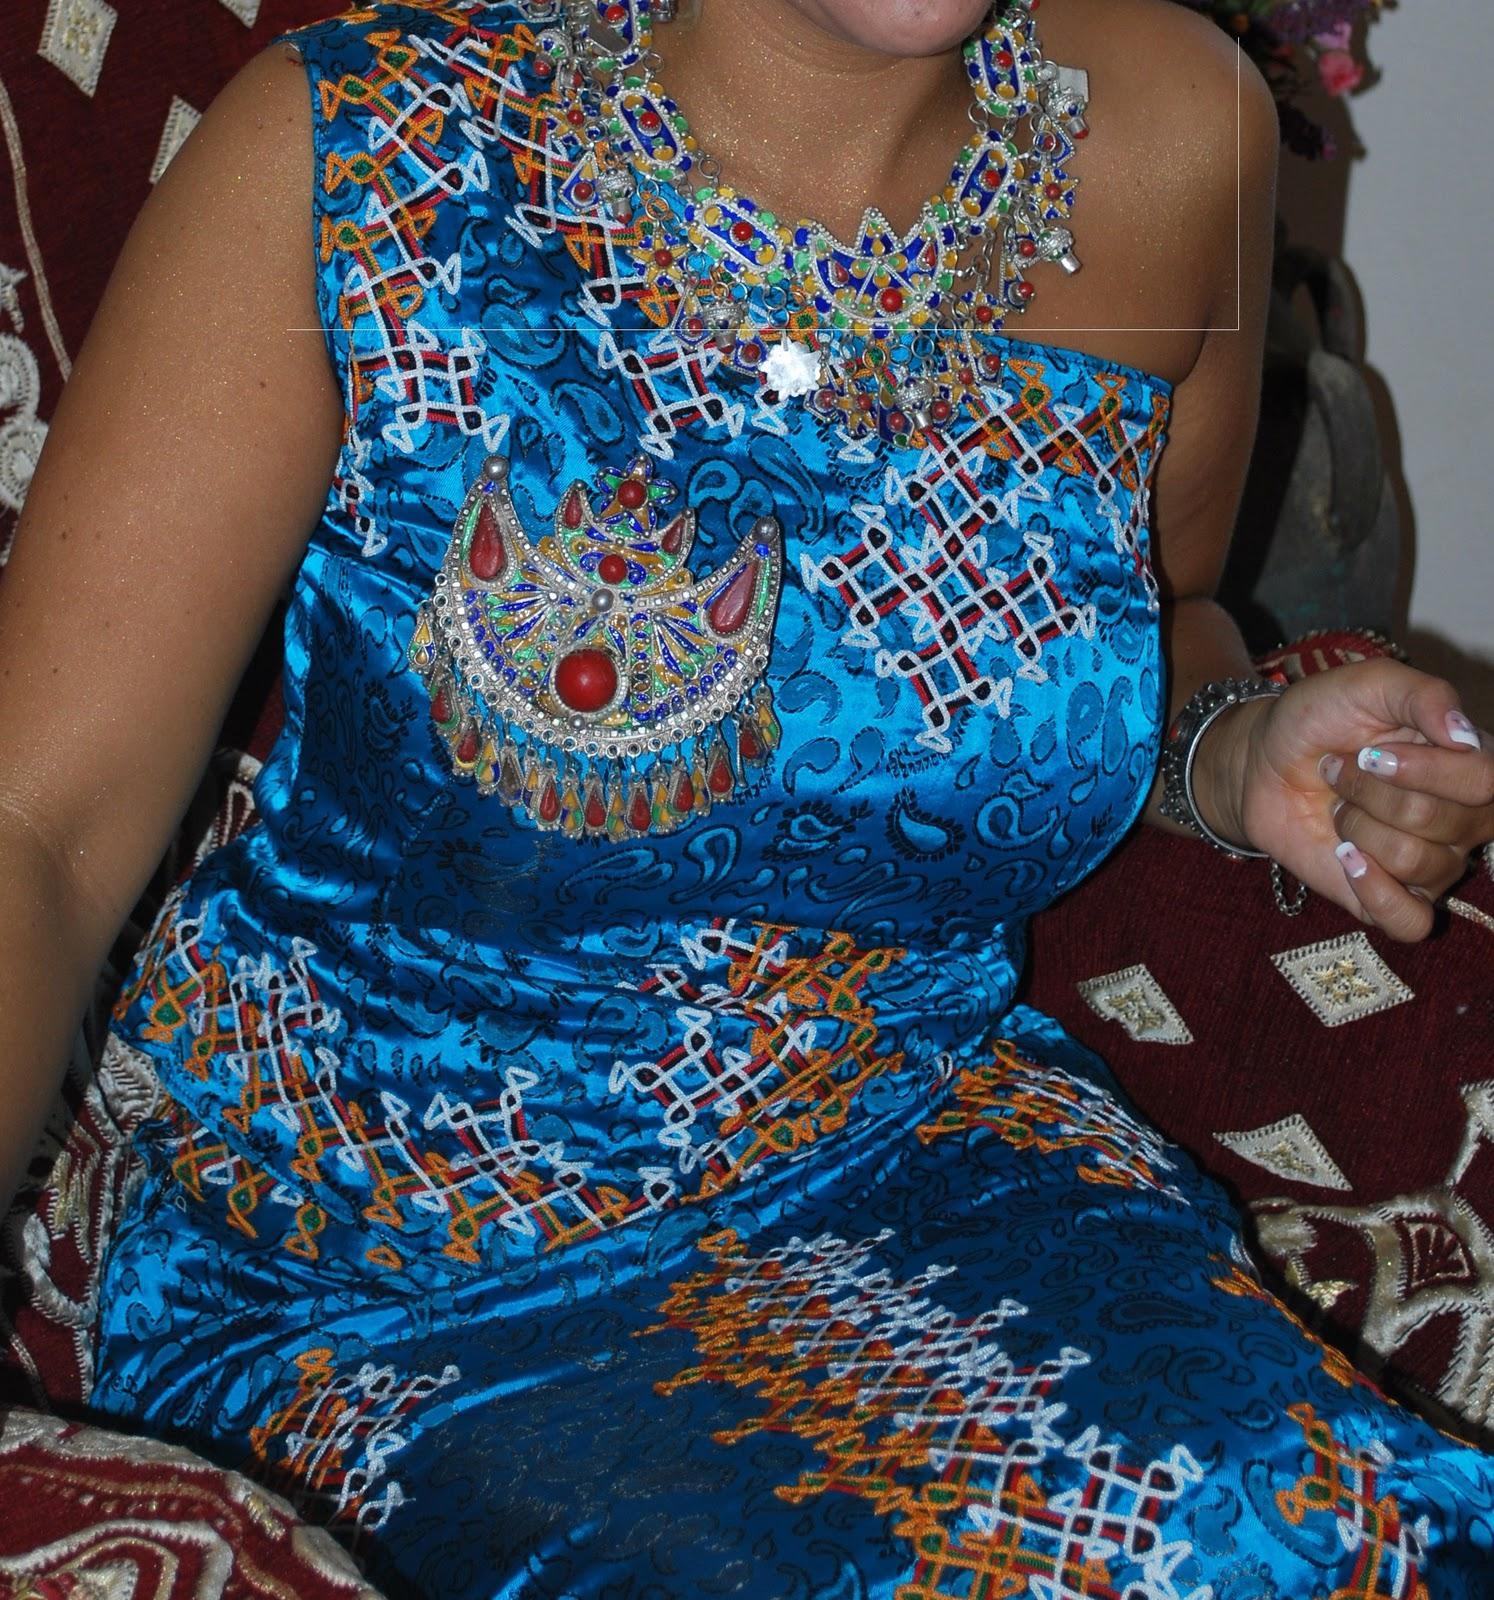 et jai oubliée la derniere la robe kabyle gargari et il 'ya dautres